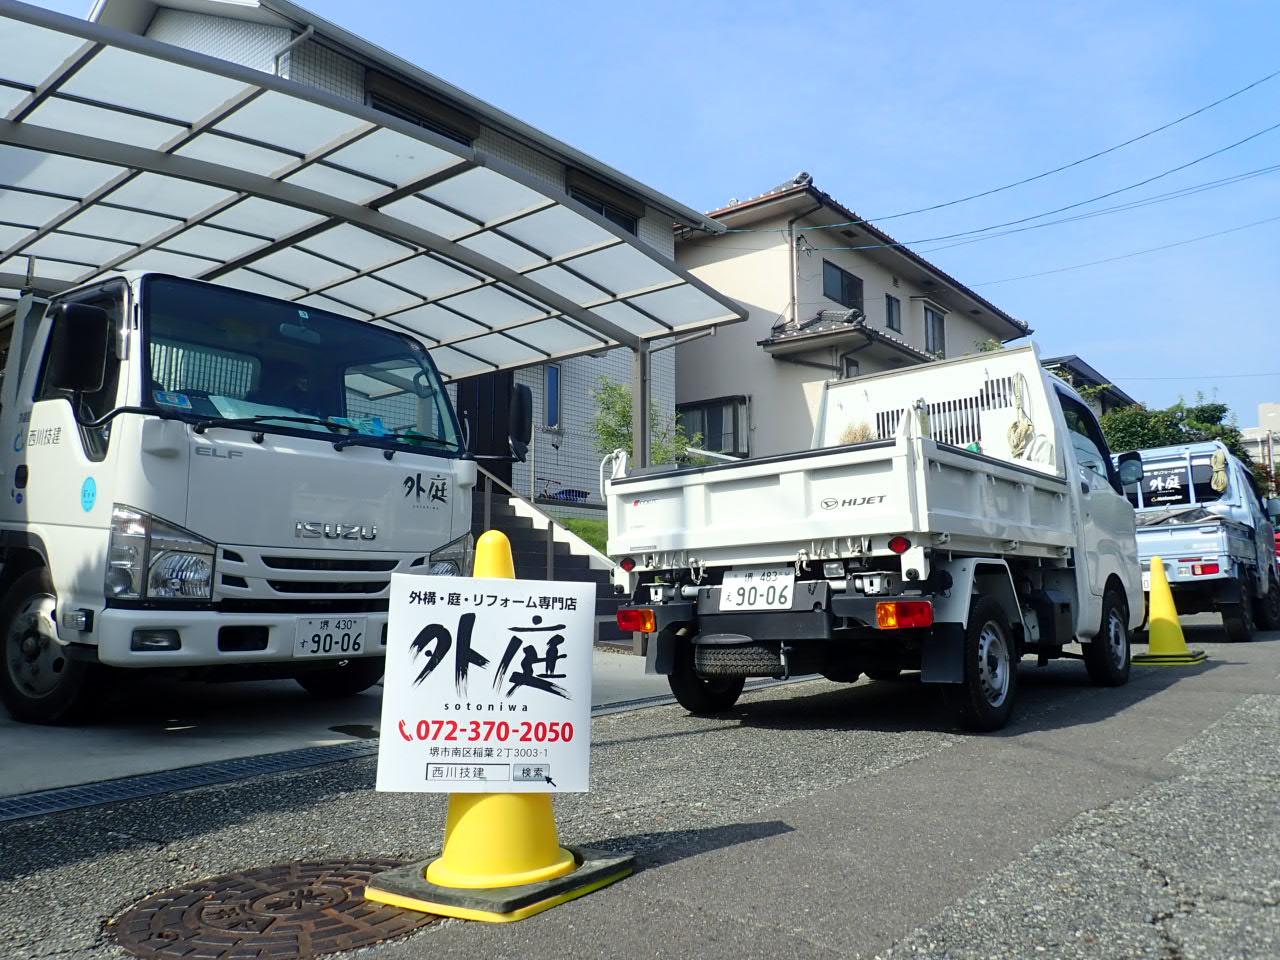 堺市南区 住み心地を改善する外構リフォームスタートしました